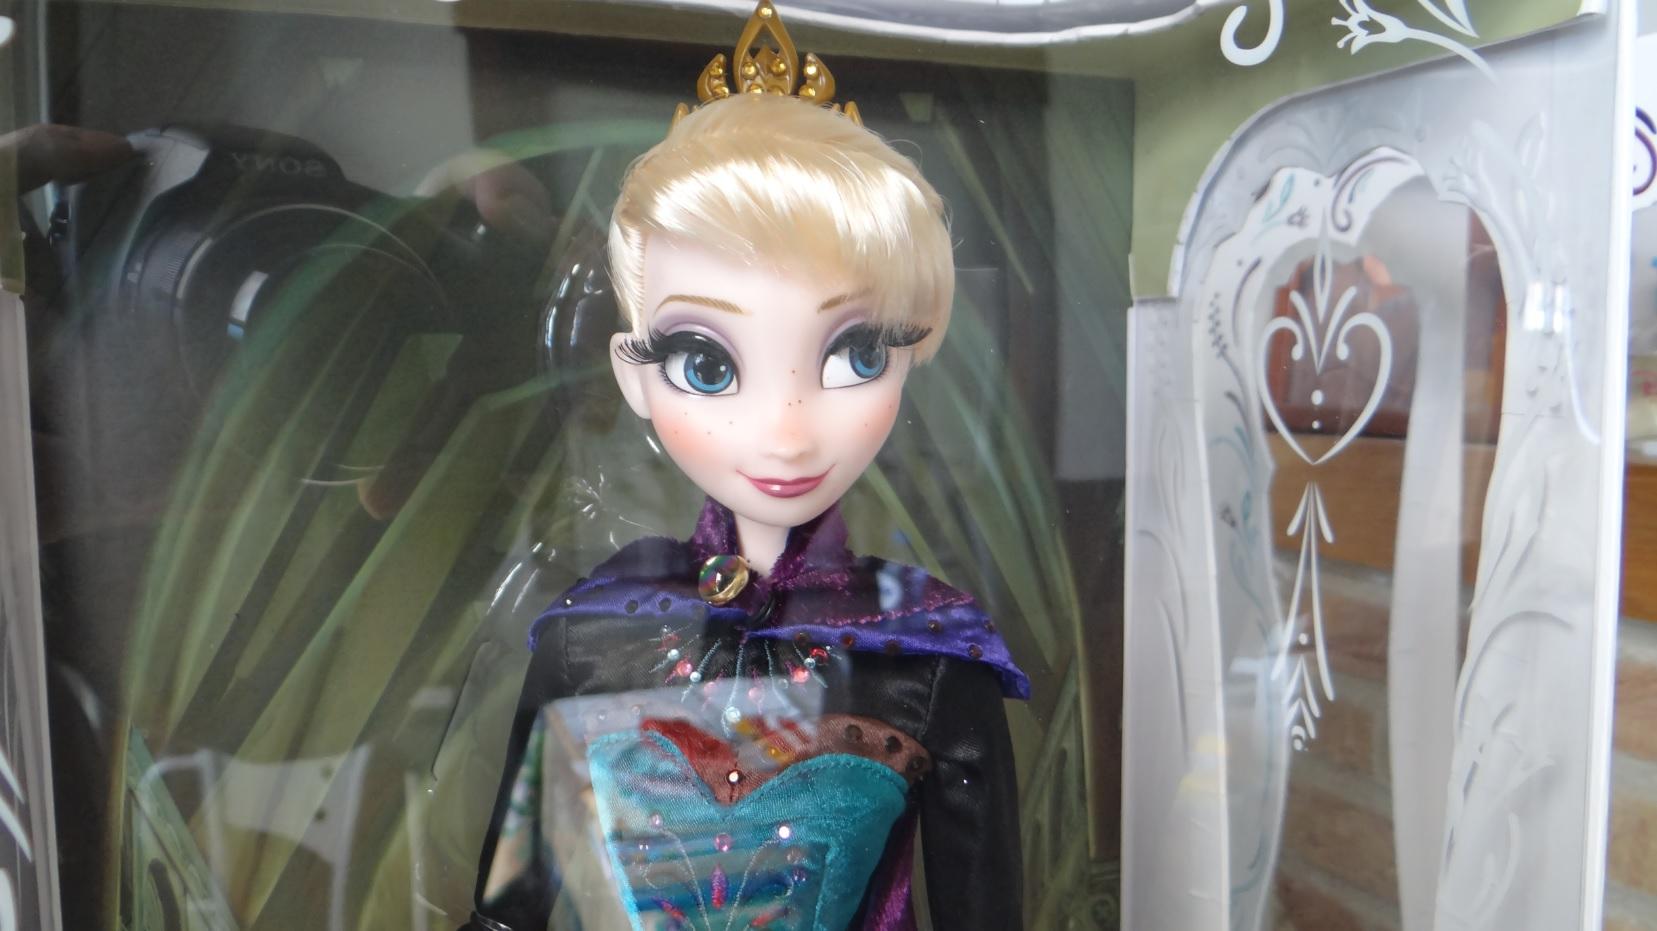 Disney Store Poupées Limited Edition 17'' (depuis 2009) - Page 4 877743673